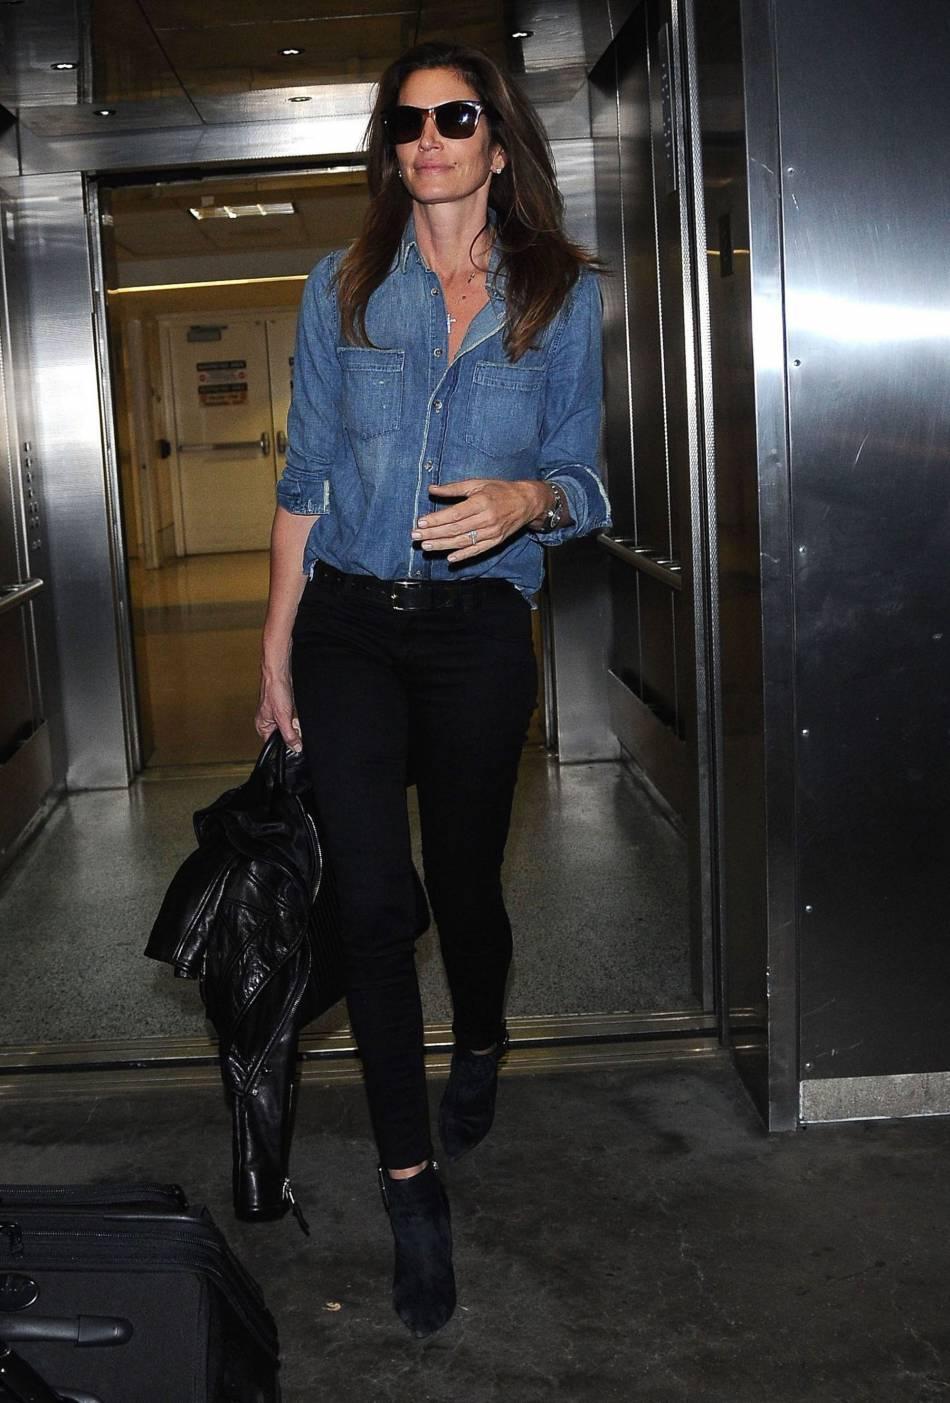 Cindy Crawford : à bientôt 50 ans, l'ancien top model n'a rien perdu de son style et de sa beauté.